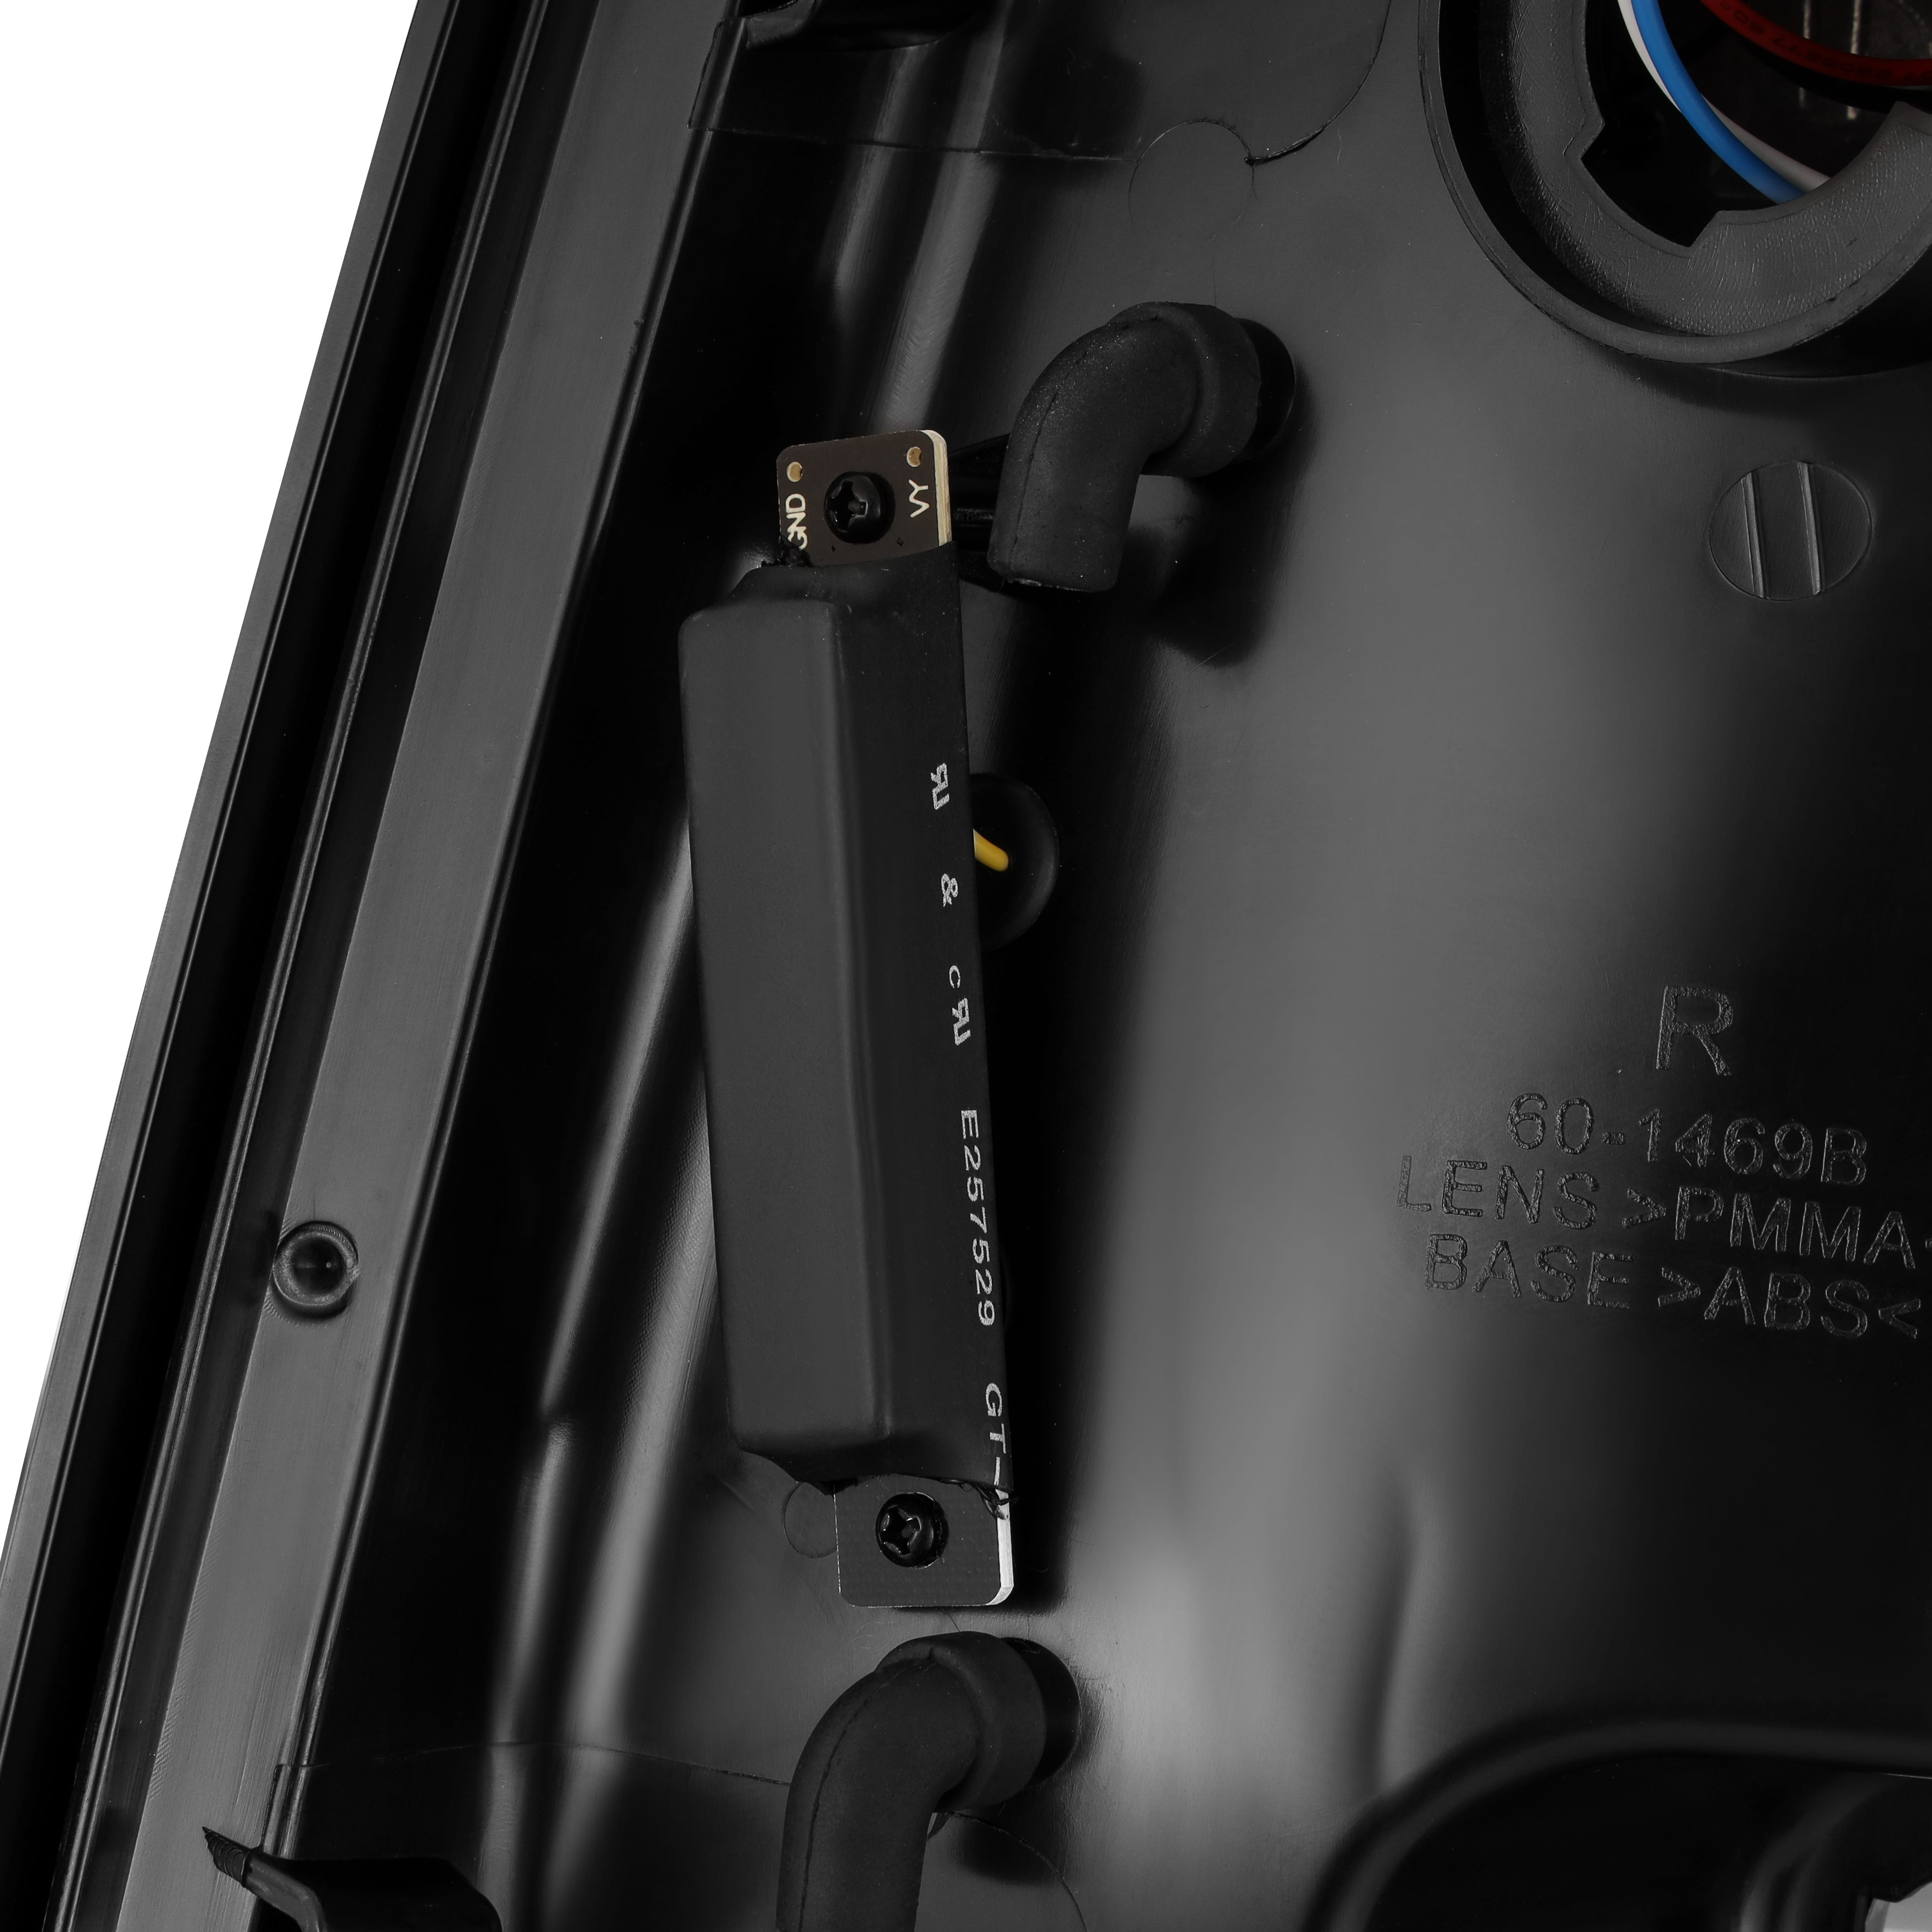 2009 2010 2011 2012 2013 2014 2015 2016 2017 2018 Ram 1500/2500/3500 PRO-Series LED Tail Lights Jet Black